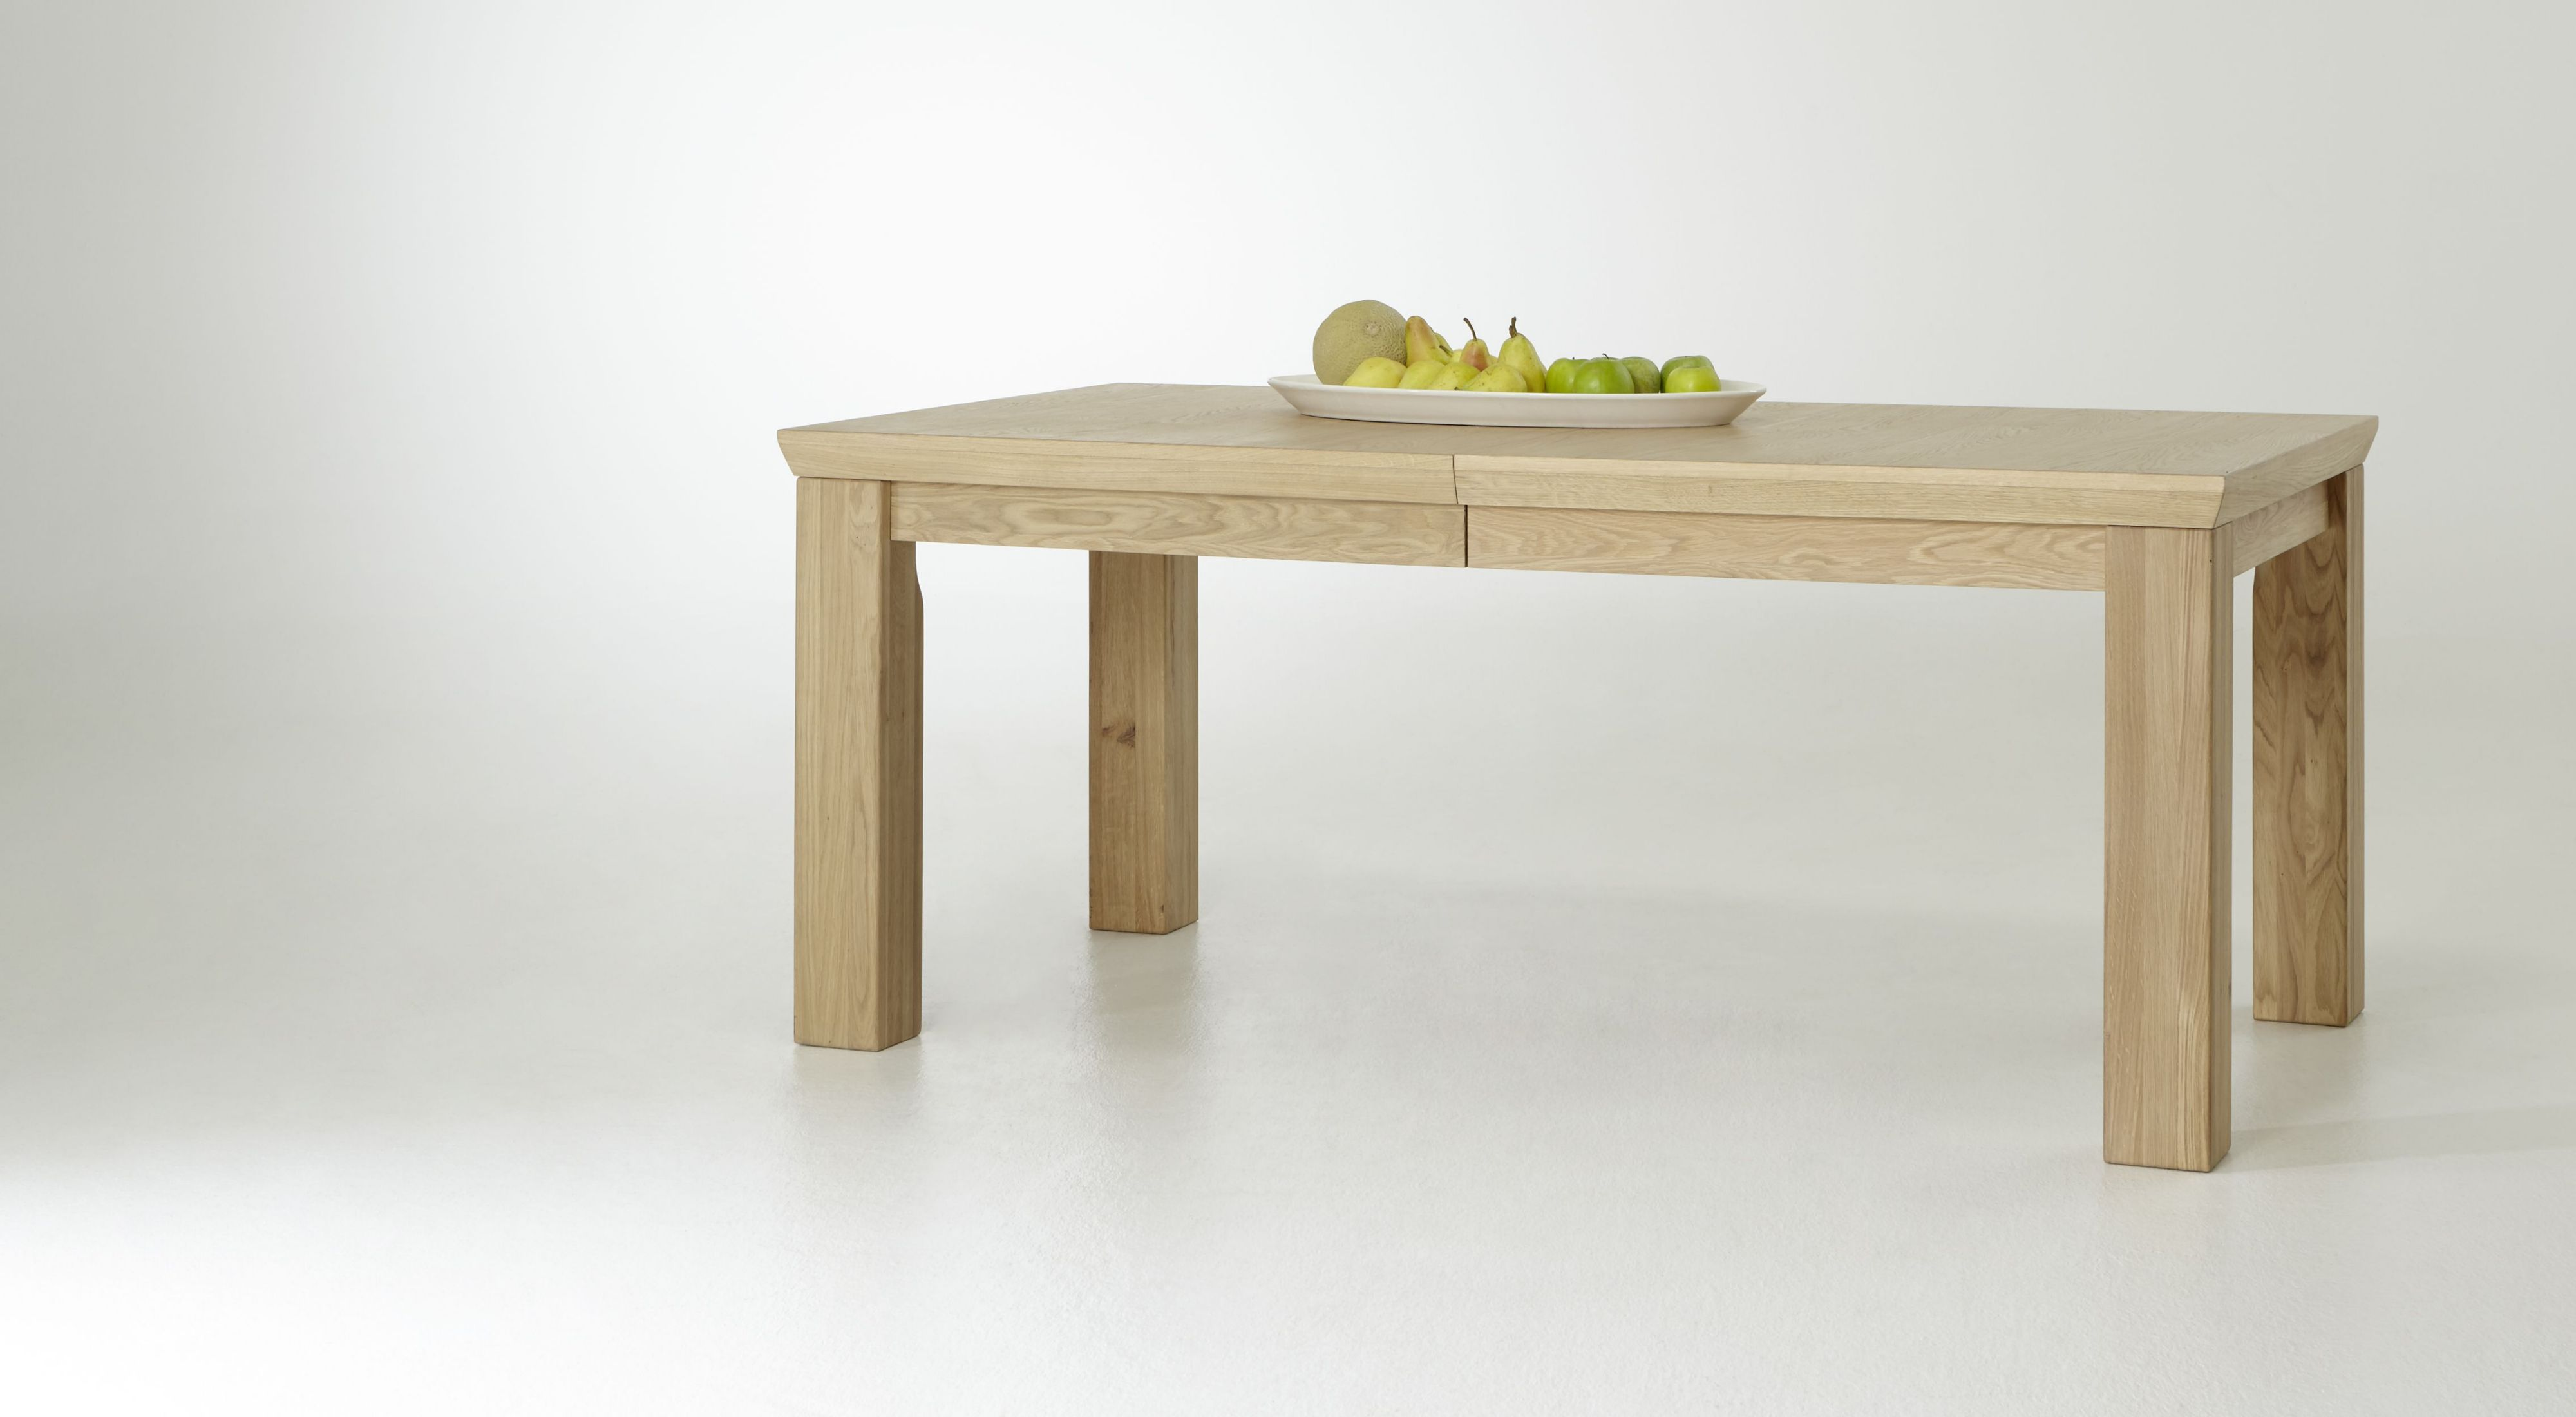 Bemerkenswert Esstisch Ausziehbar Holz Beste Wahl 180 - 280 X 100 Cm Eiche